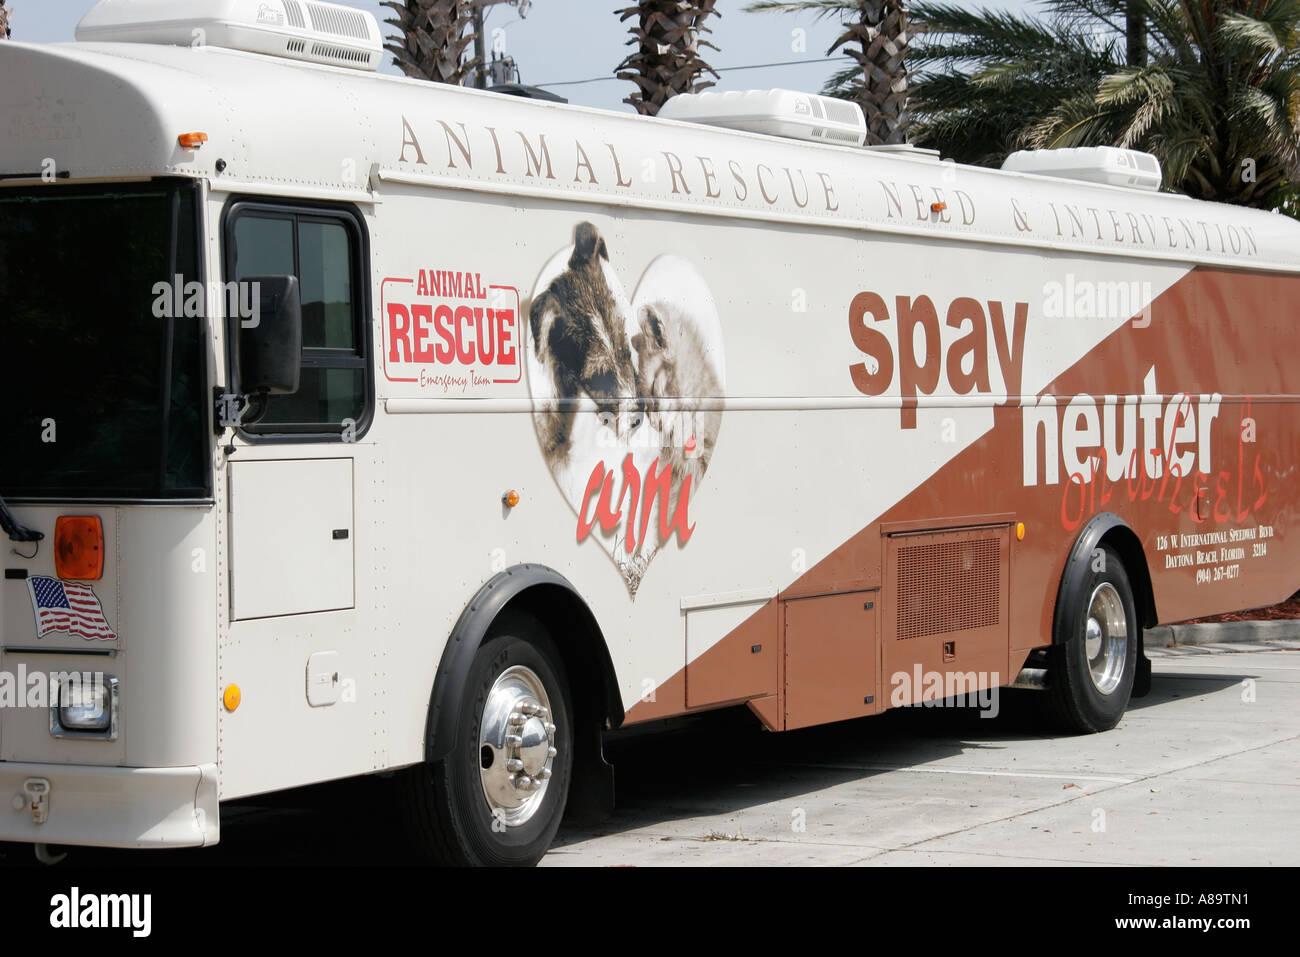 Animal Rescue Daytona Beach Fl